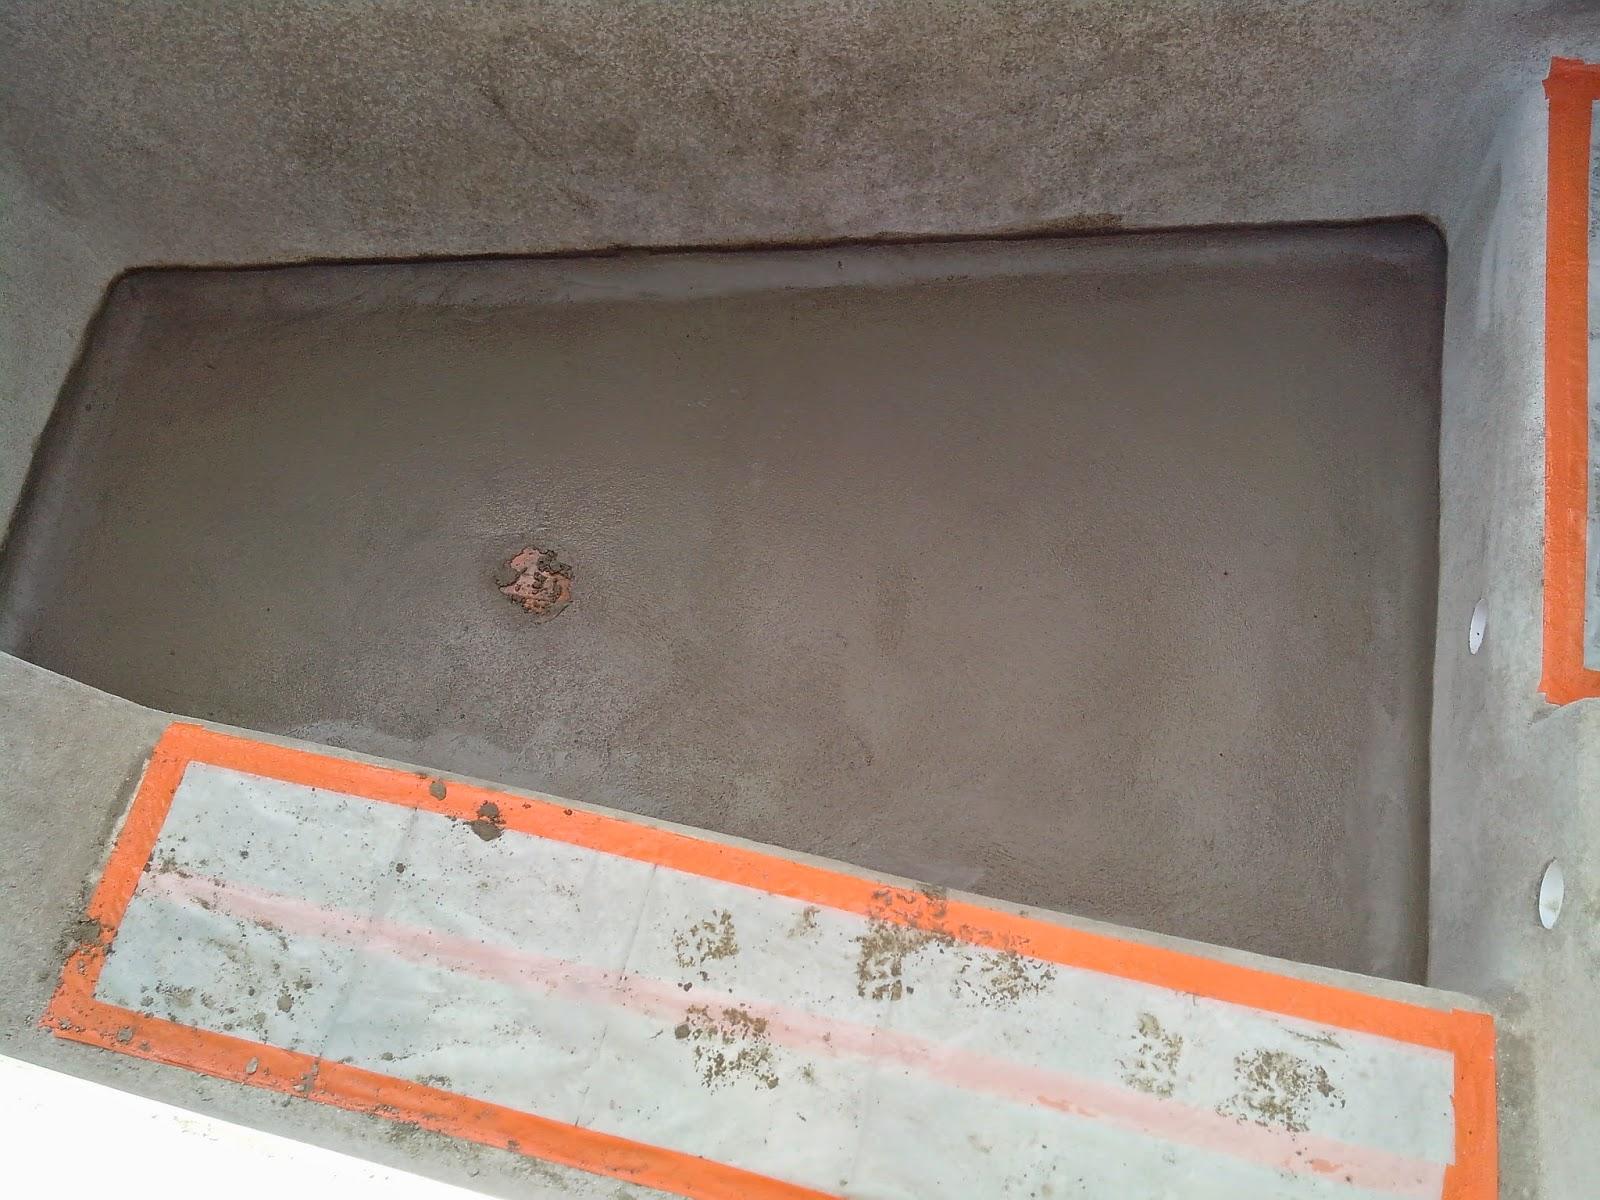 Enduit de cuvelage etanchit mur cdaf humidit etancheite for Sika enduit piscine